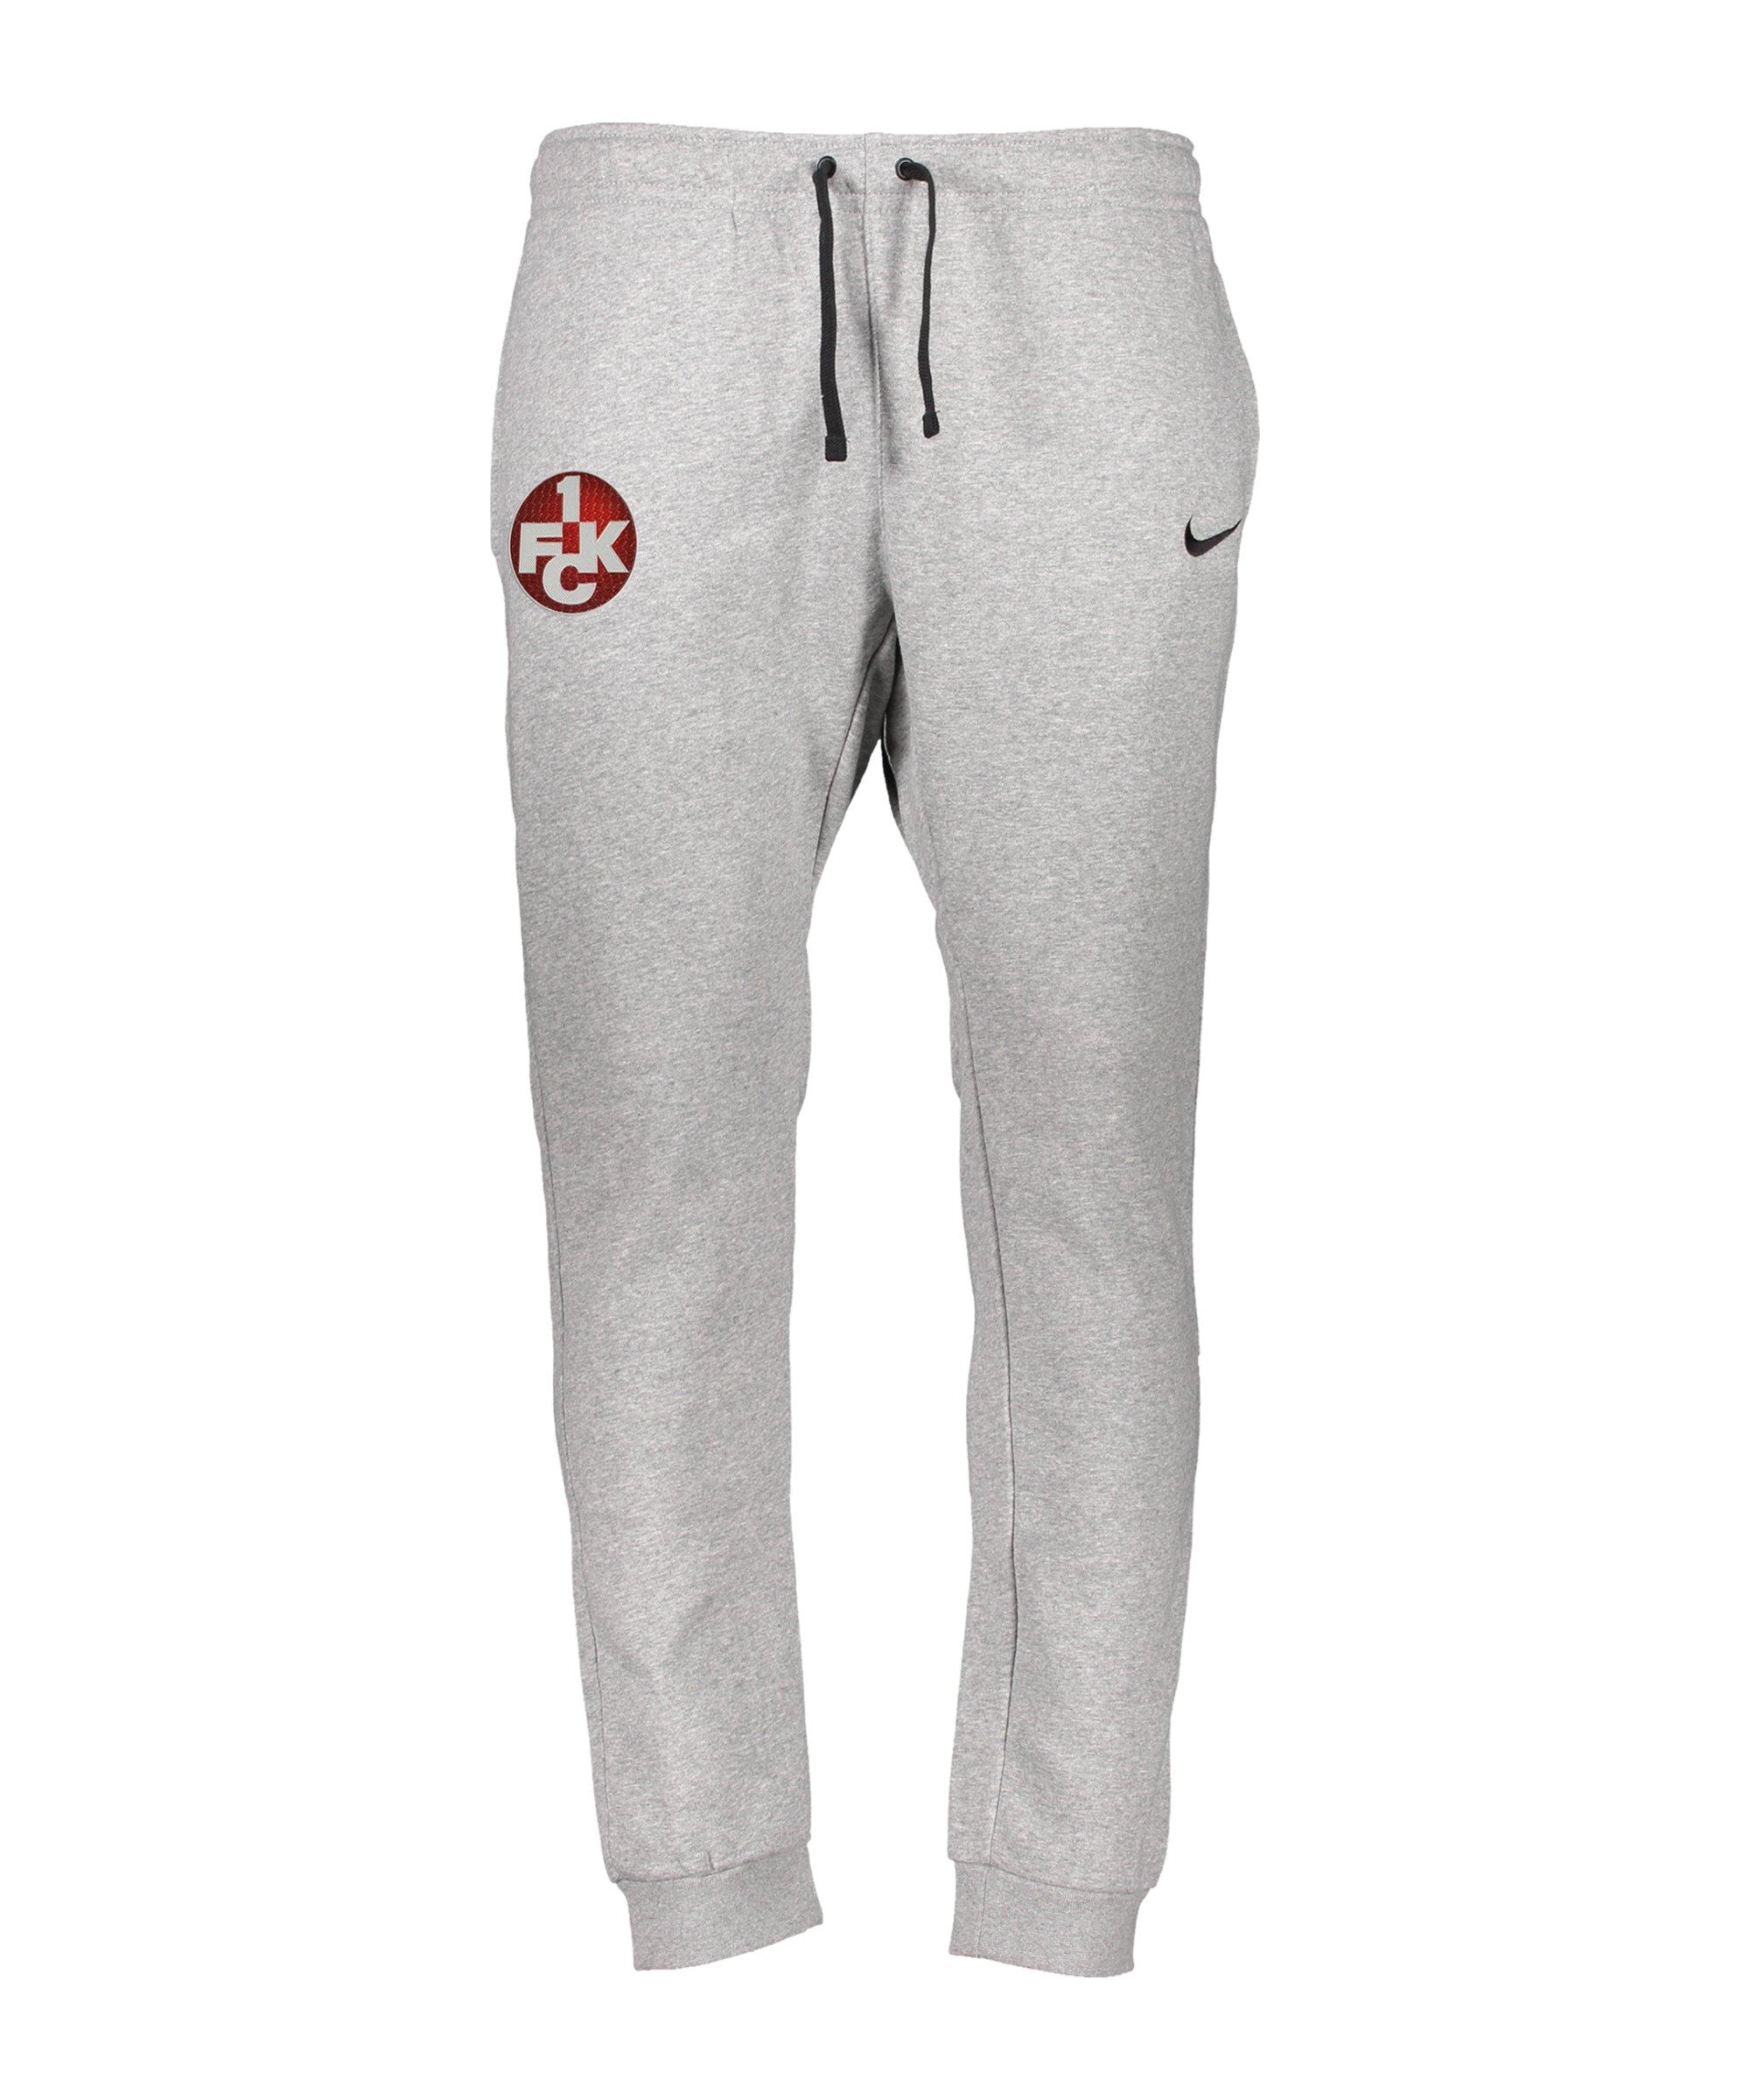 Nike 1. FC Kaiserslautern Jogginghose Grau F063 - grau